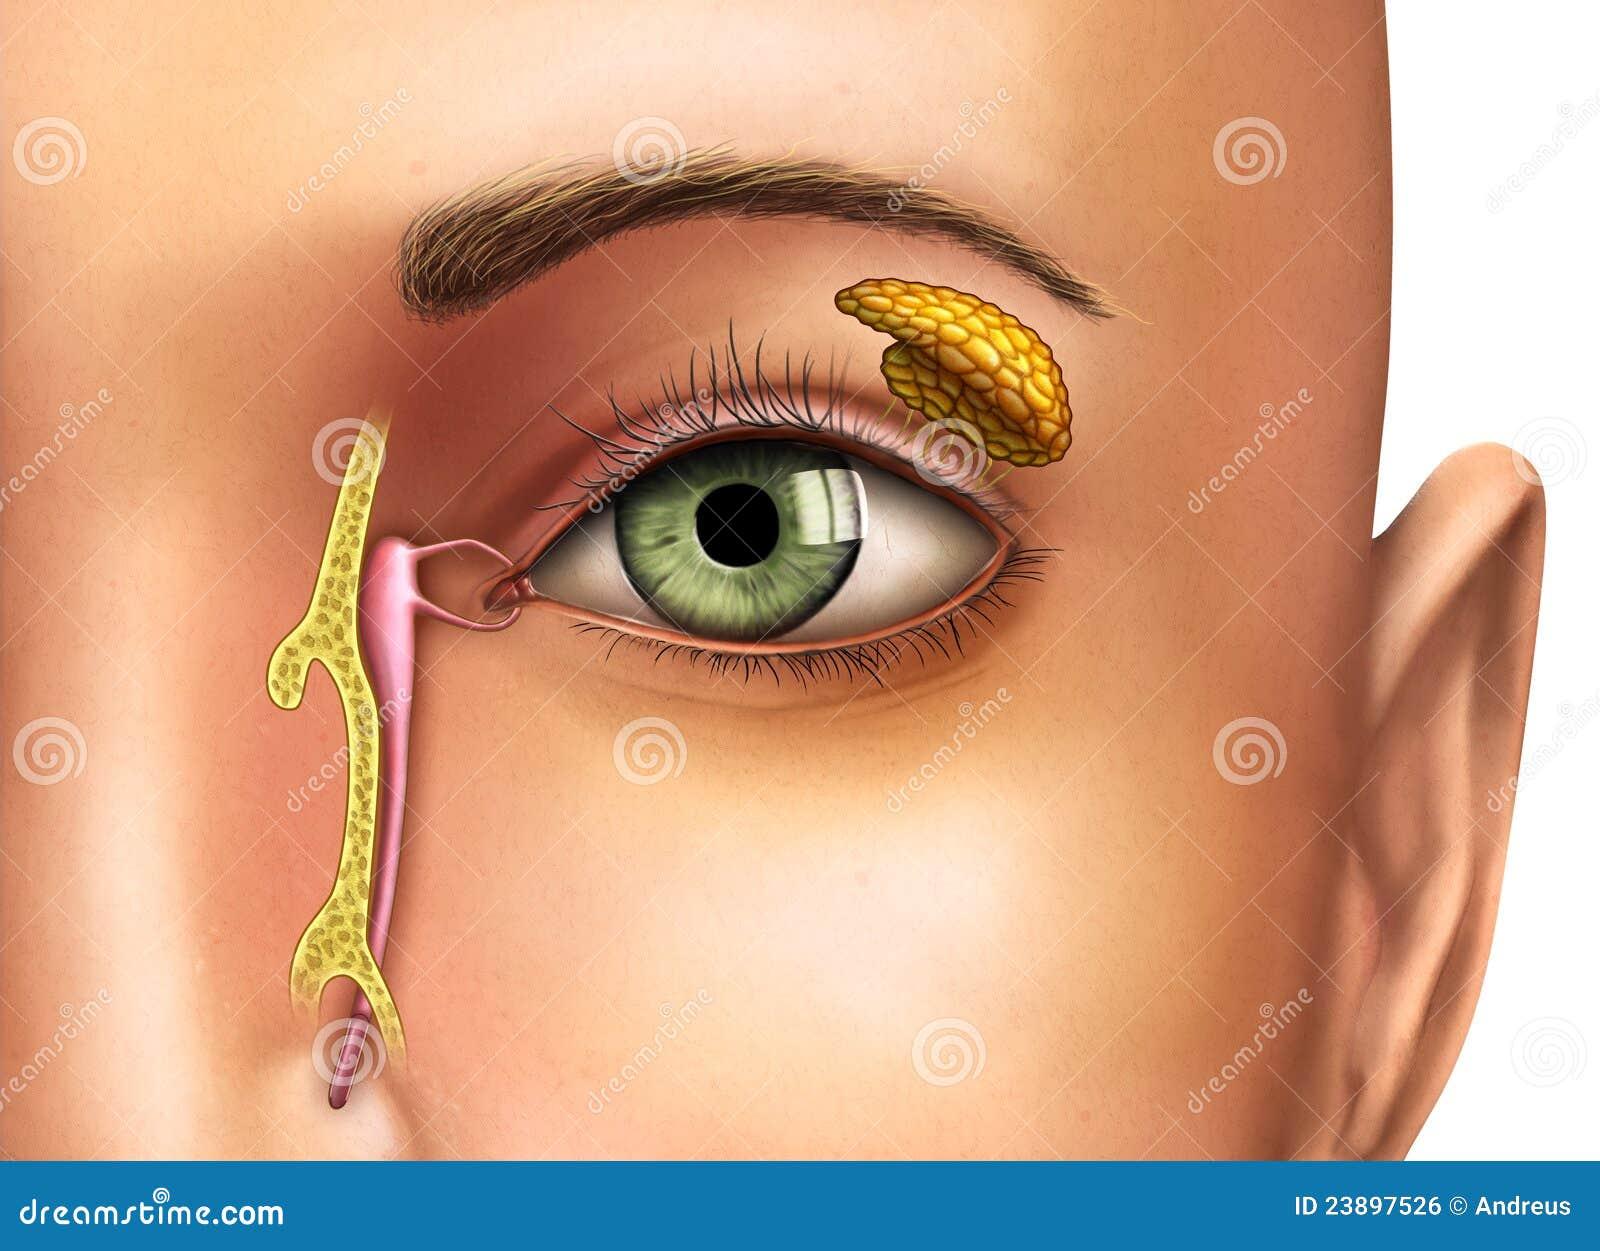 Как сделать слезящиеся глаза